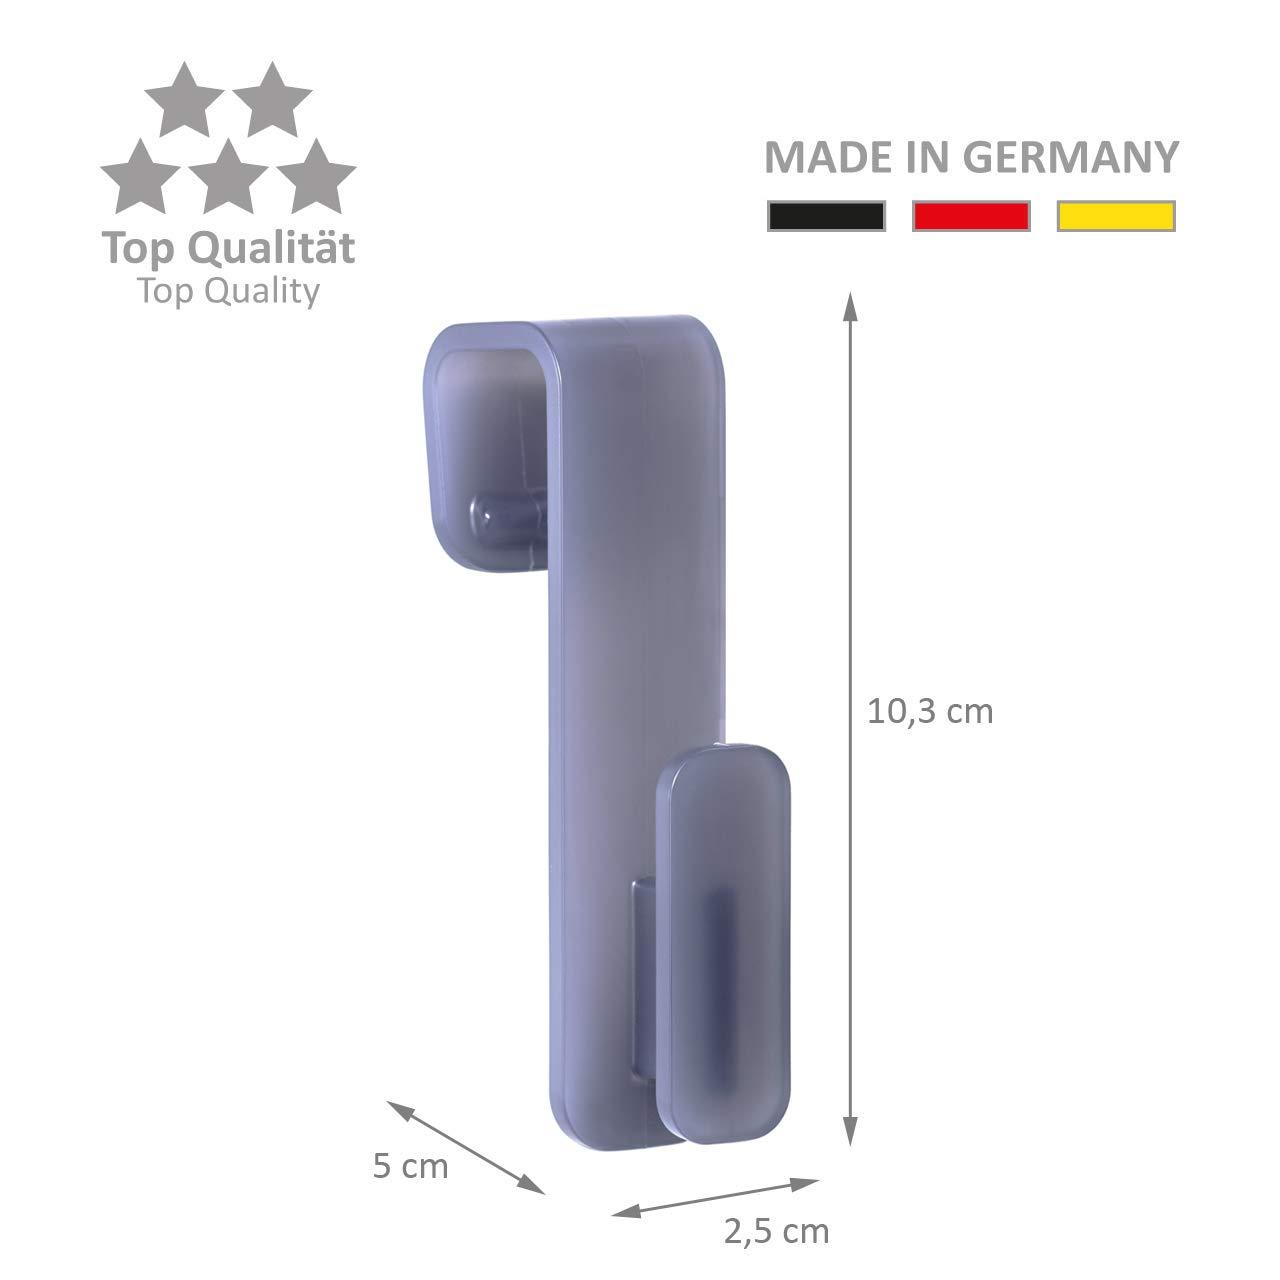 Made in Germany Ganci per termosifoni 6 Ganci per termosifoni Ganci per Asciugamano Ganci per Asciugamani qualit/à Top Wellgro Colore a Scelta